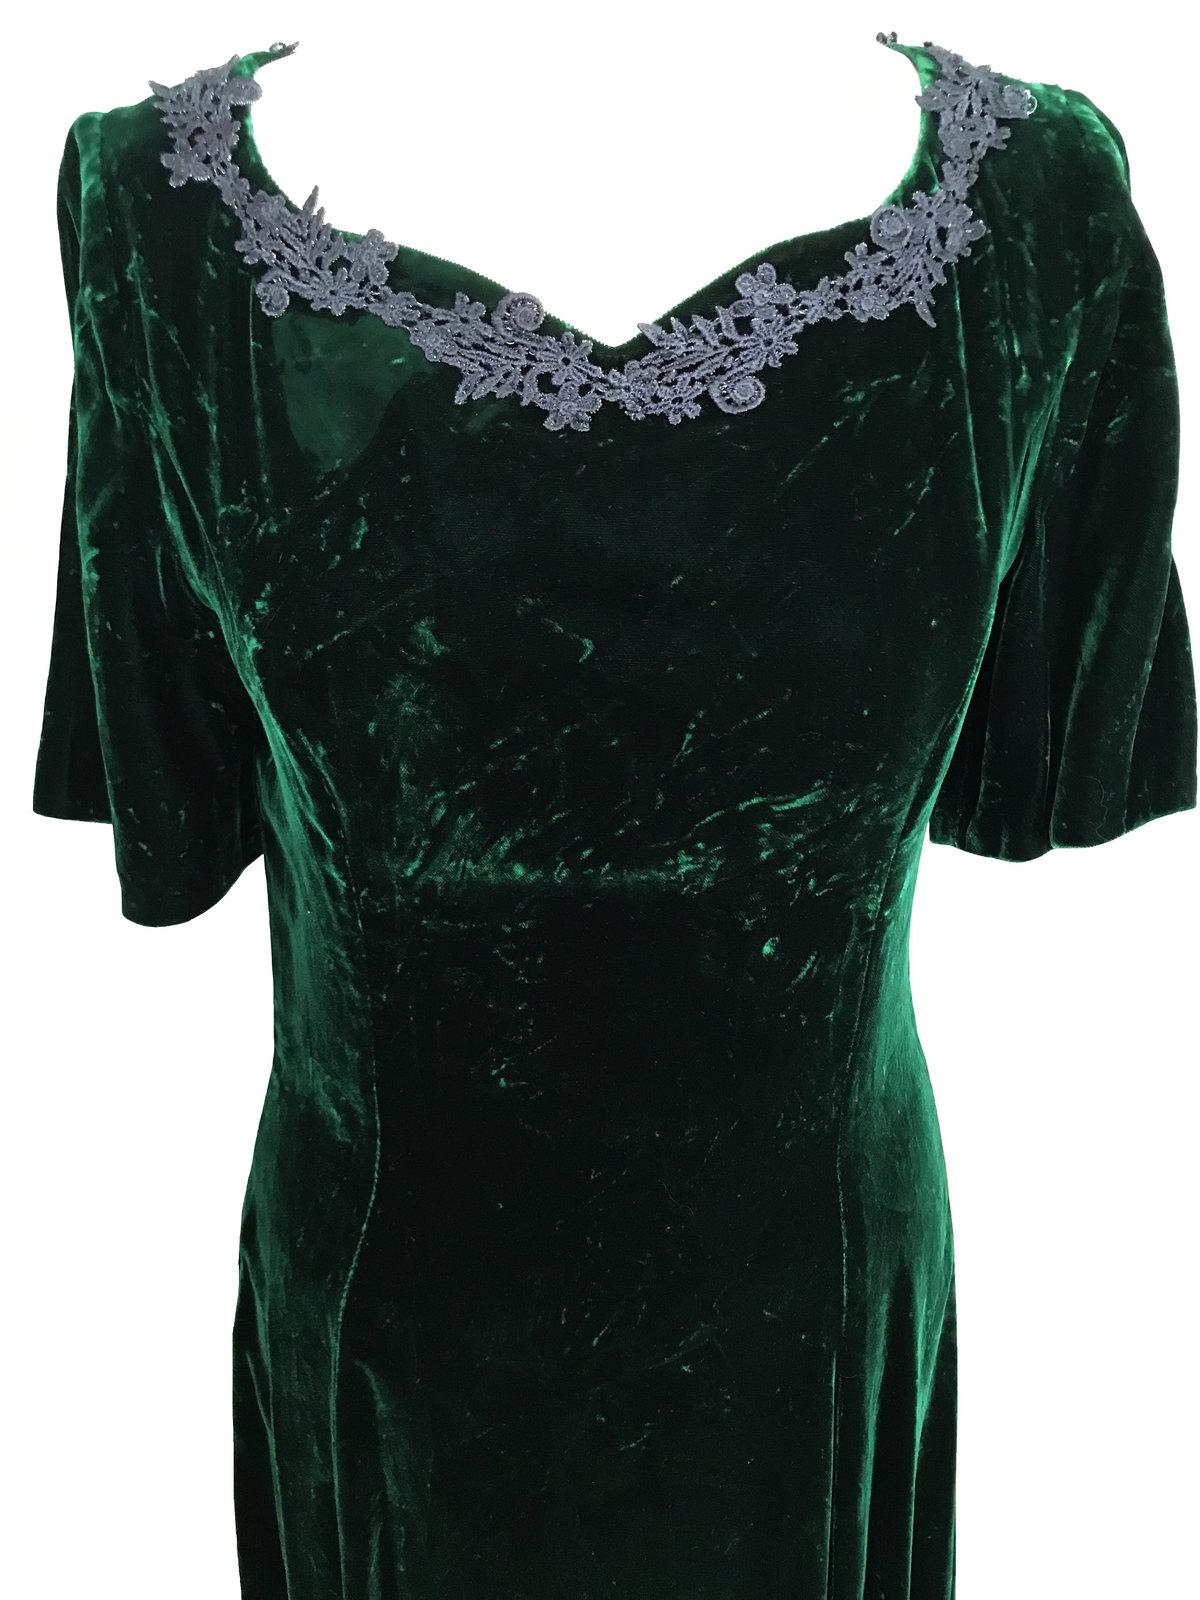 Vintage Crashed Velvet Forest Green Heart Shaped Crochet Lace Trimmed Full Lengt image 3